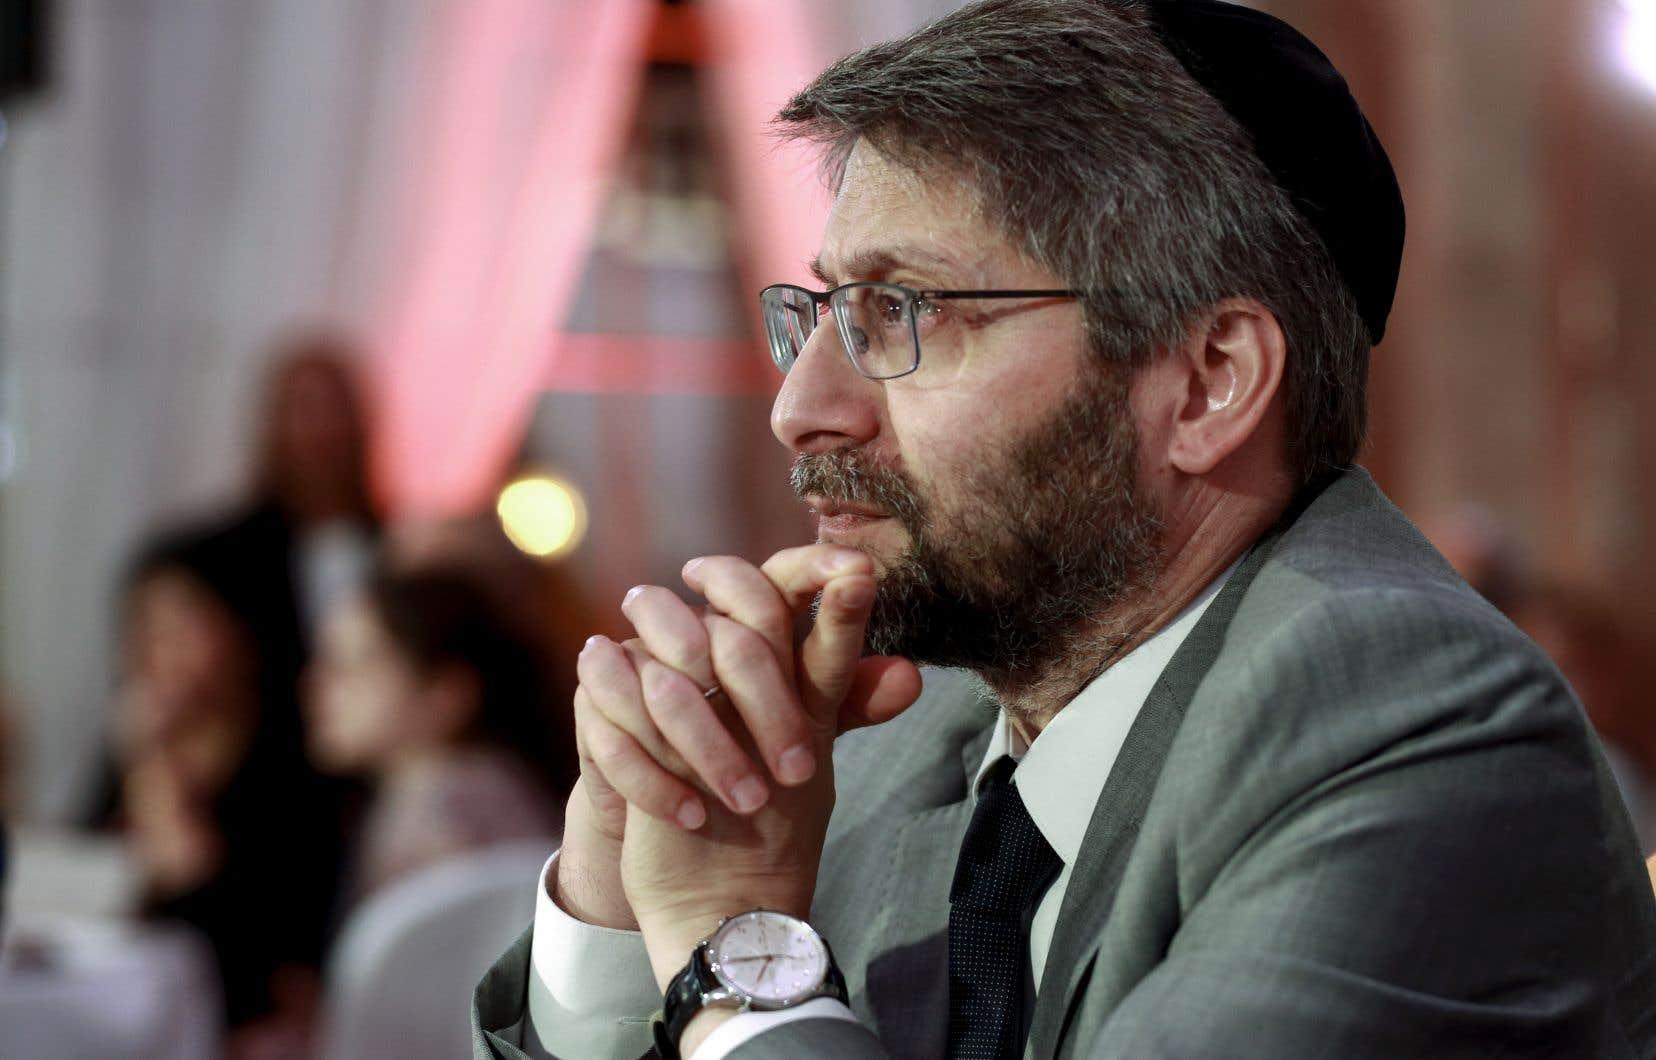 Le grand rabbin de France, Haïm Korsia, a dit craindre que le projet de loi de Macron ait des «effets collatéraux sur les autres religions, d'autant qu'il y a des cultes qui ont été exemplaires depuis toujours avec la République».